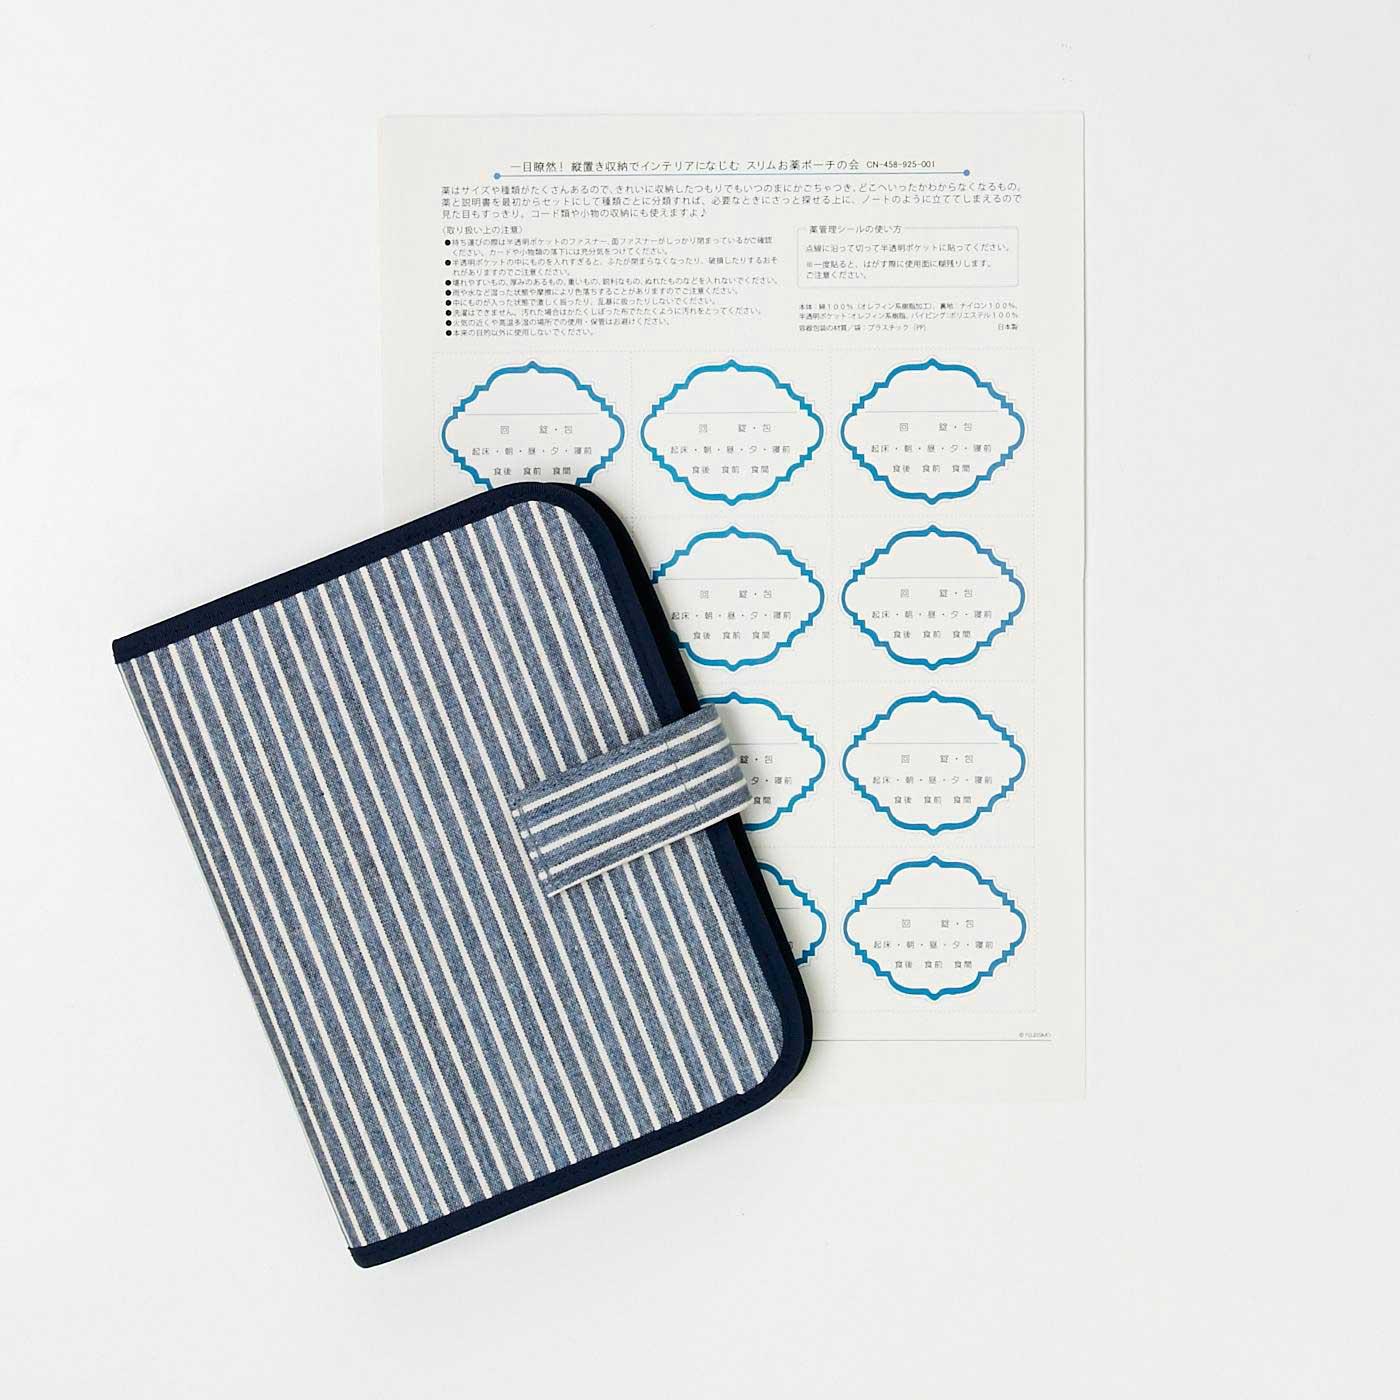 お薬の用法・用量を書き込んで、ポケットに入れておけるラベルシート付き。